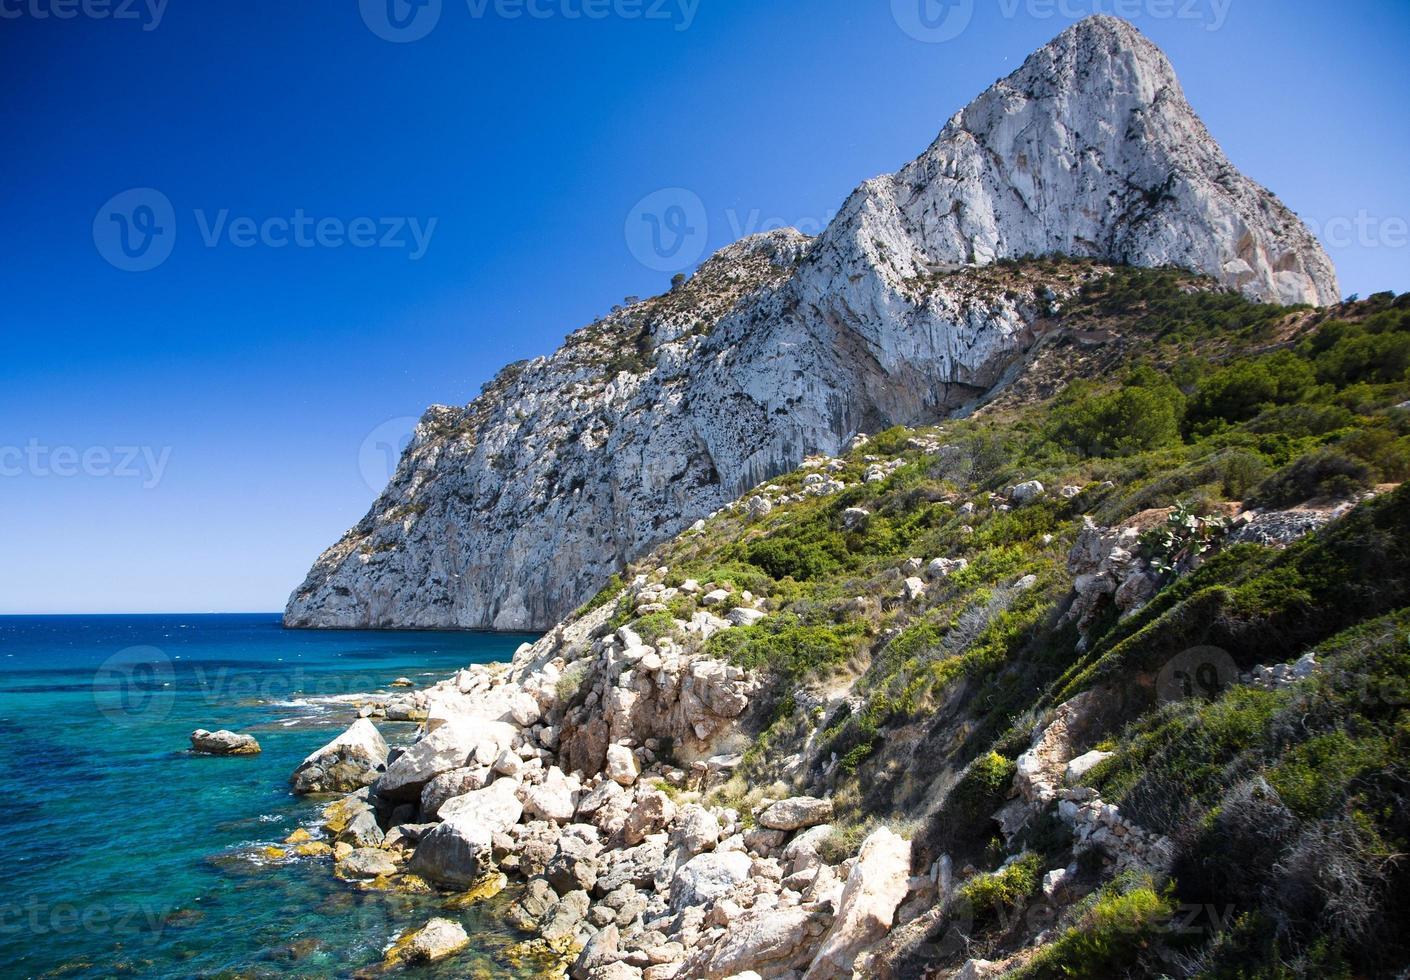 Klippen- und Seelandschaft foto